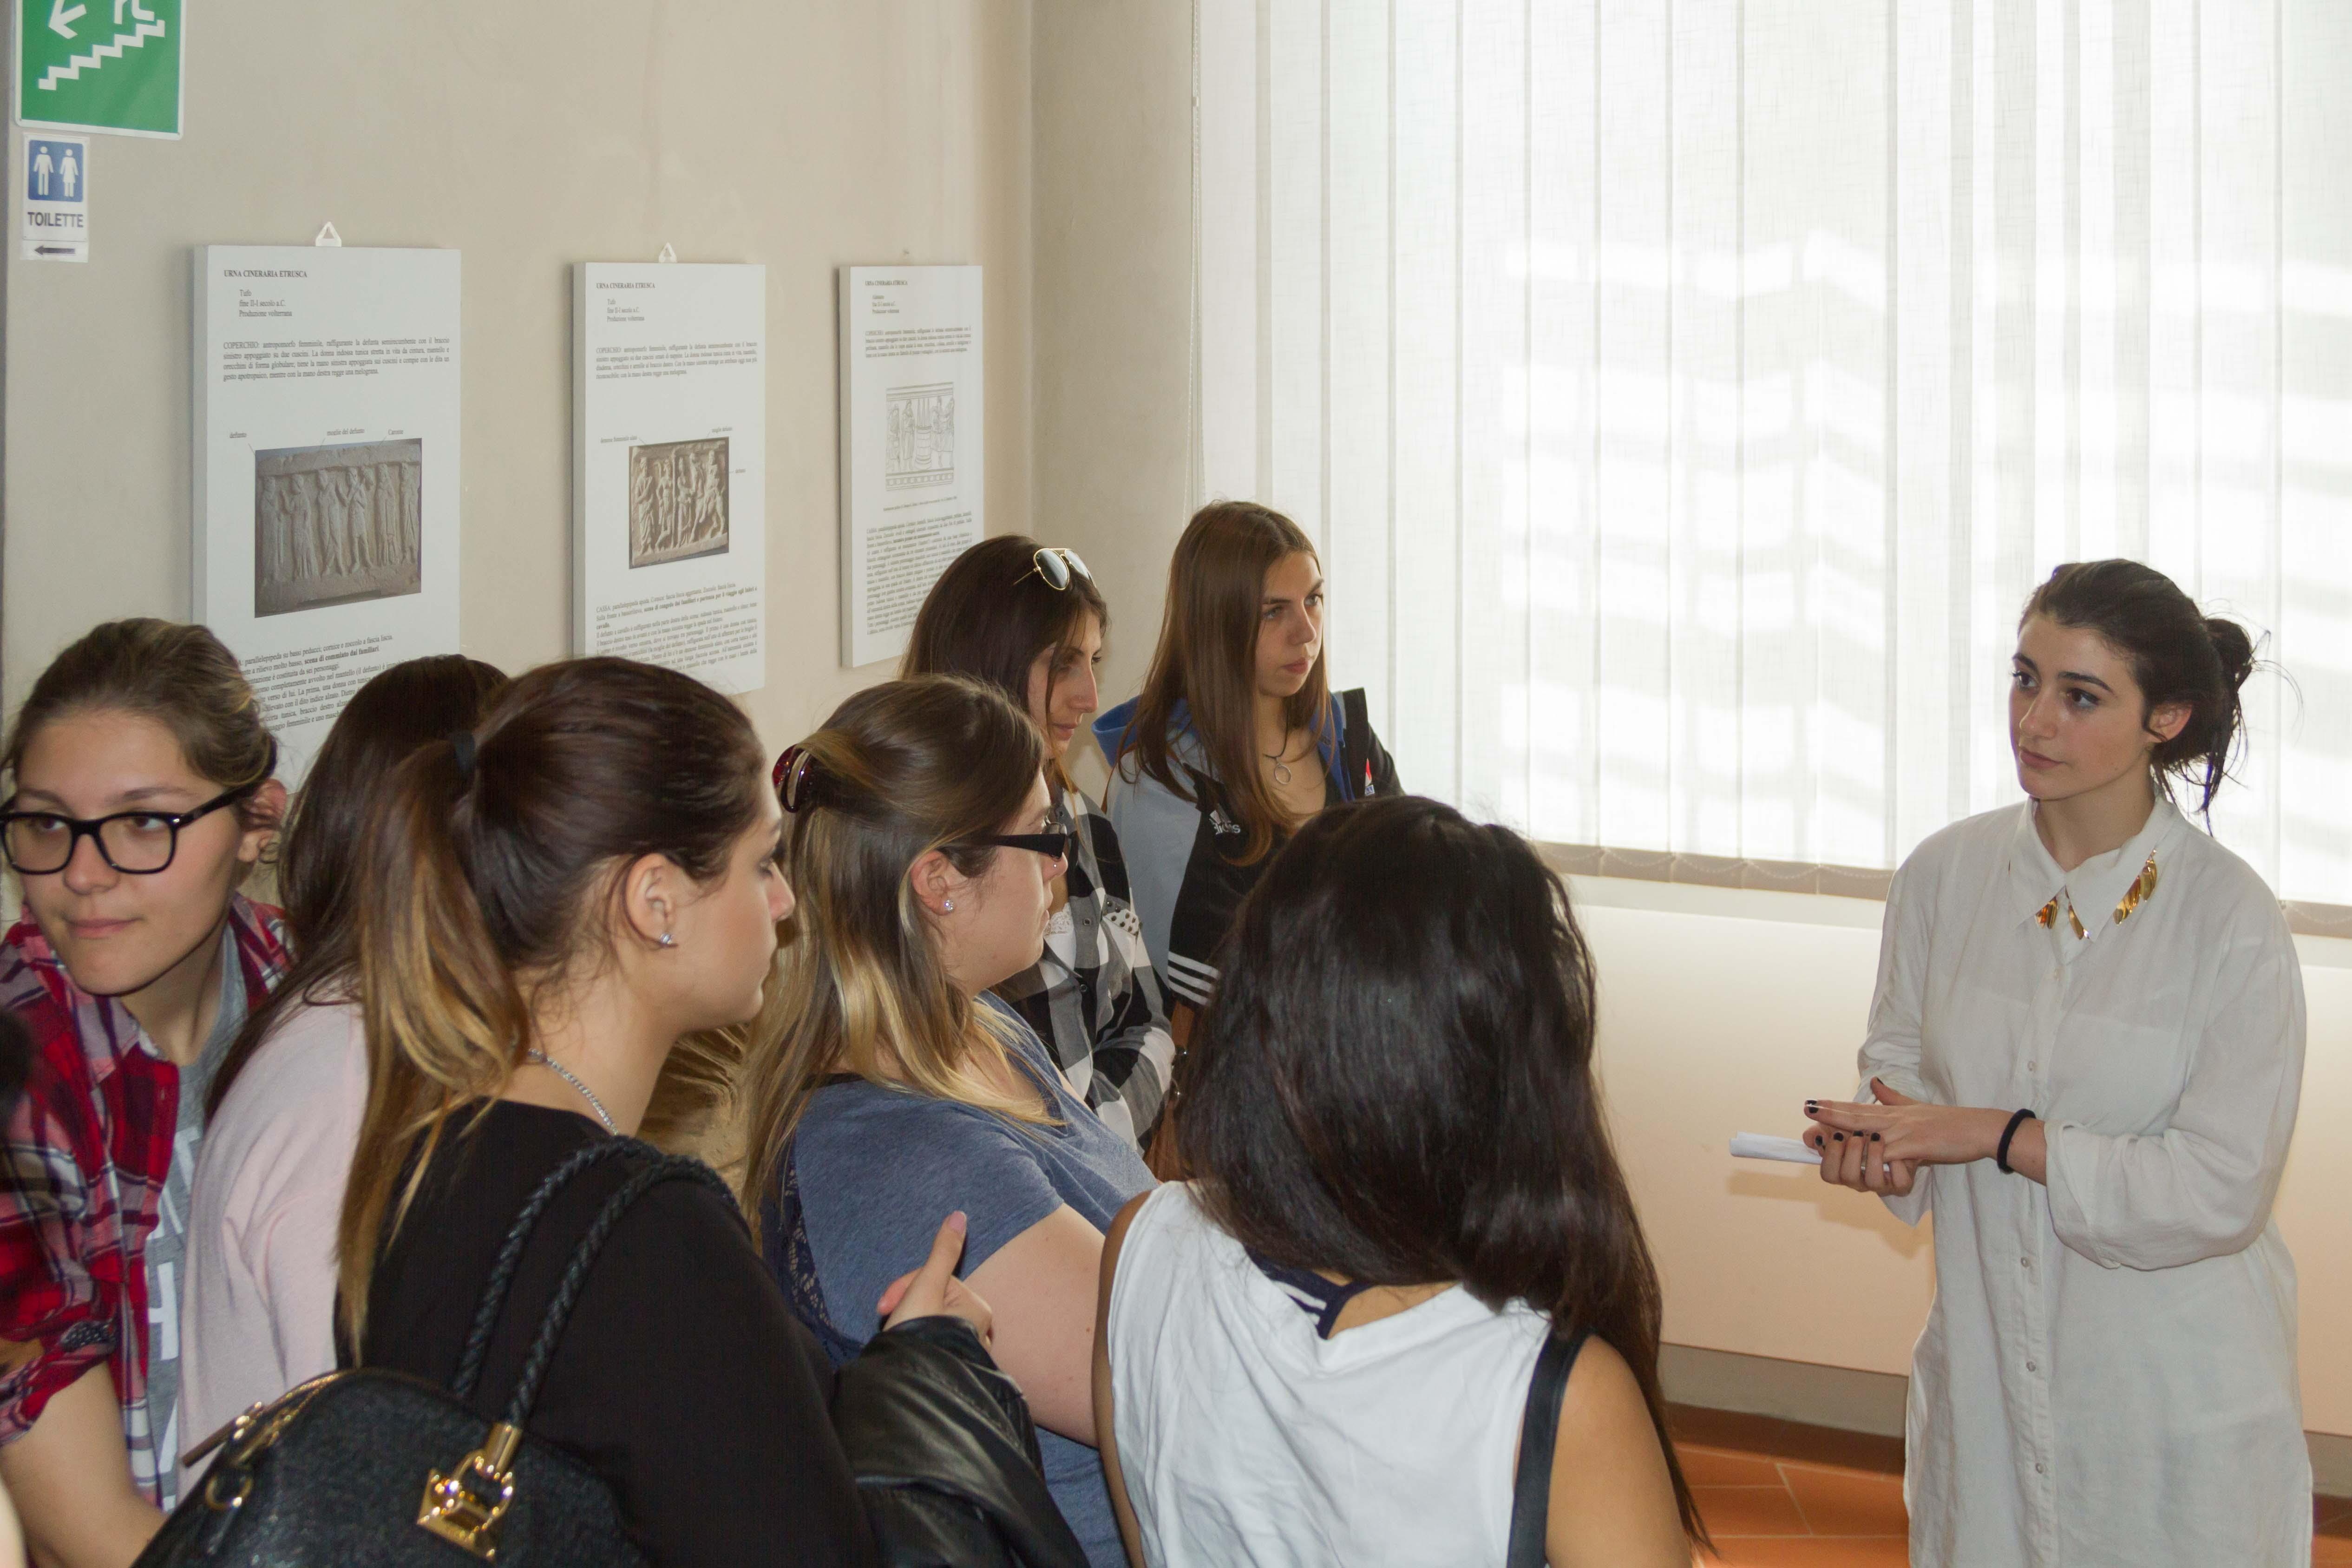 Ufficio Lavoro Arezzo : Scuola lavoro accordo tra diocesi e ufficio scolastico